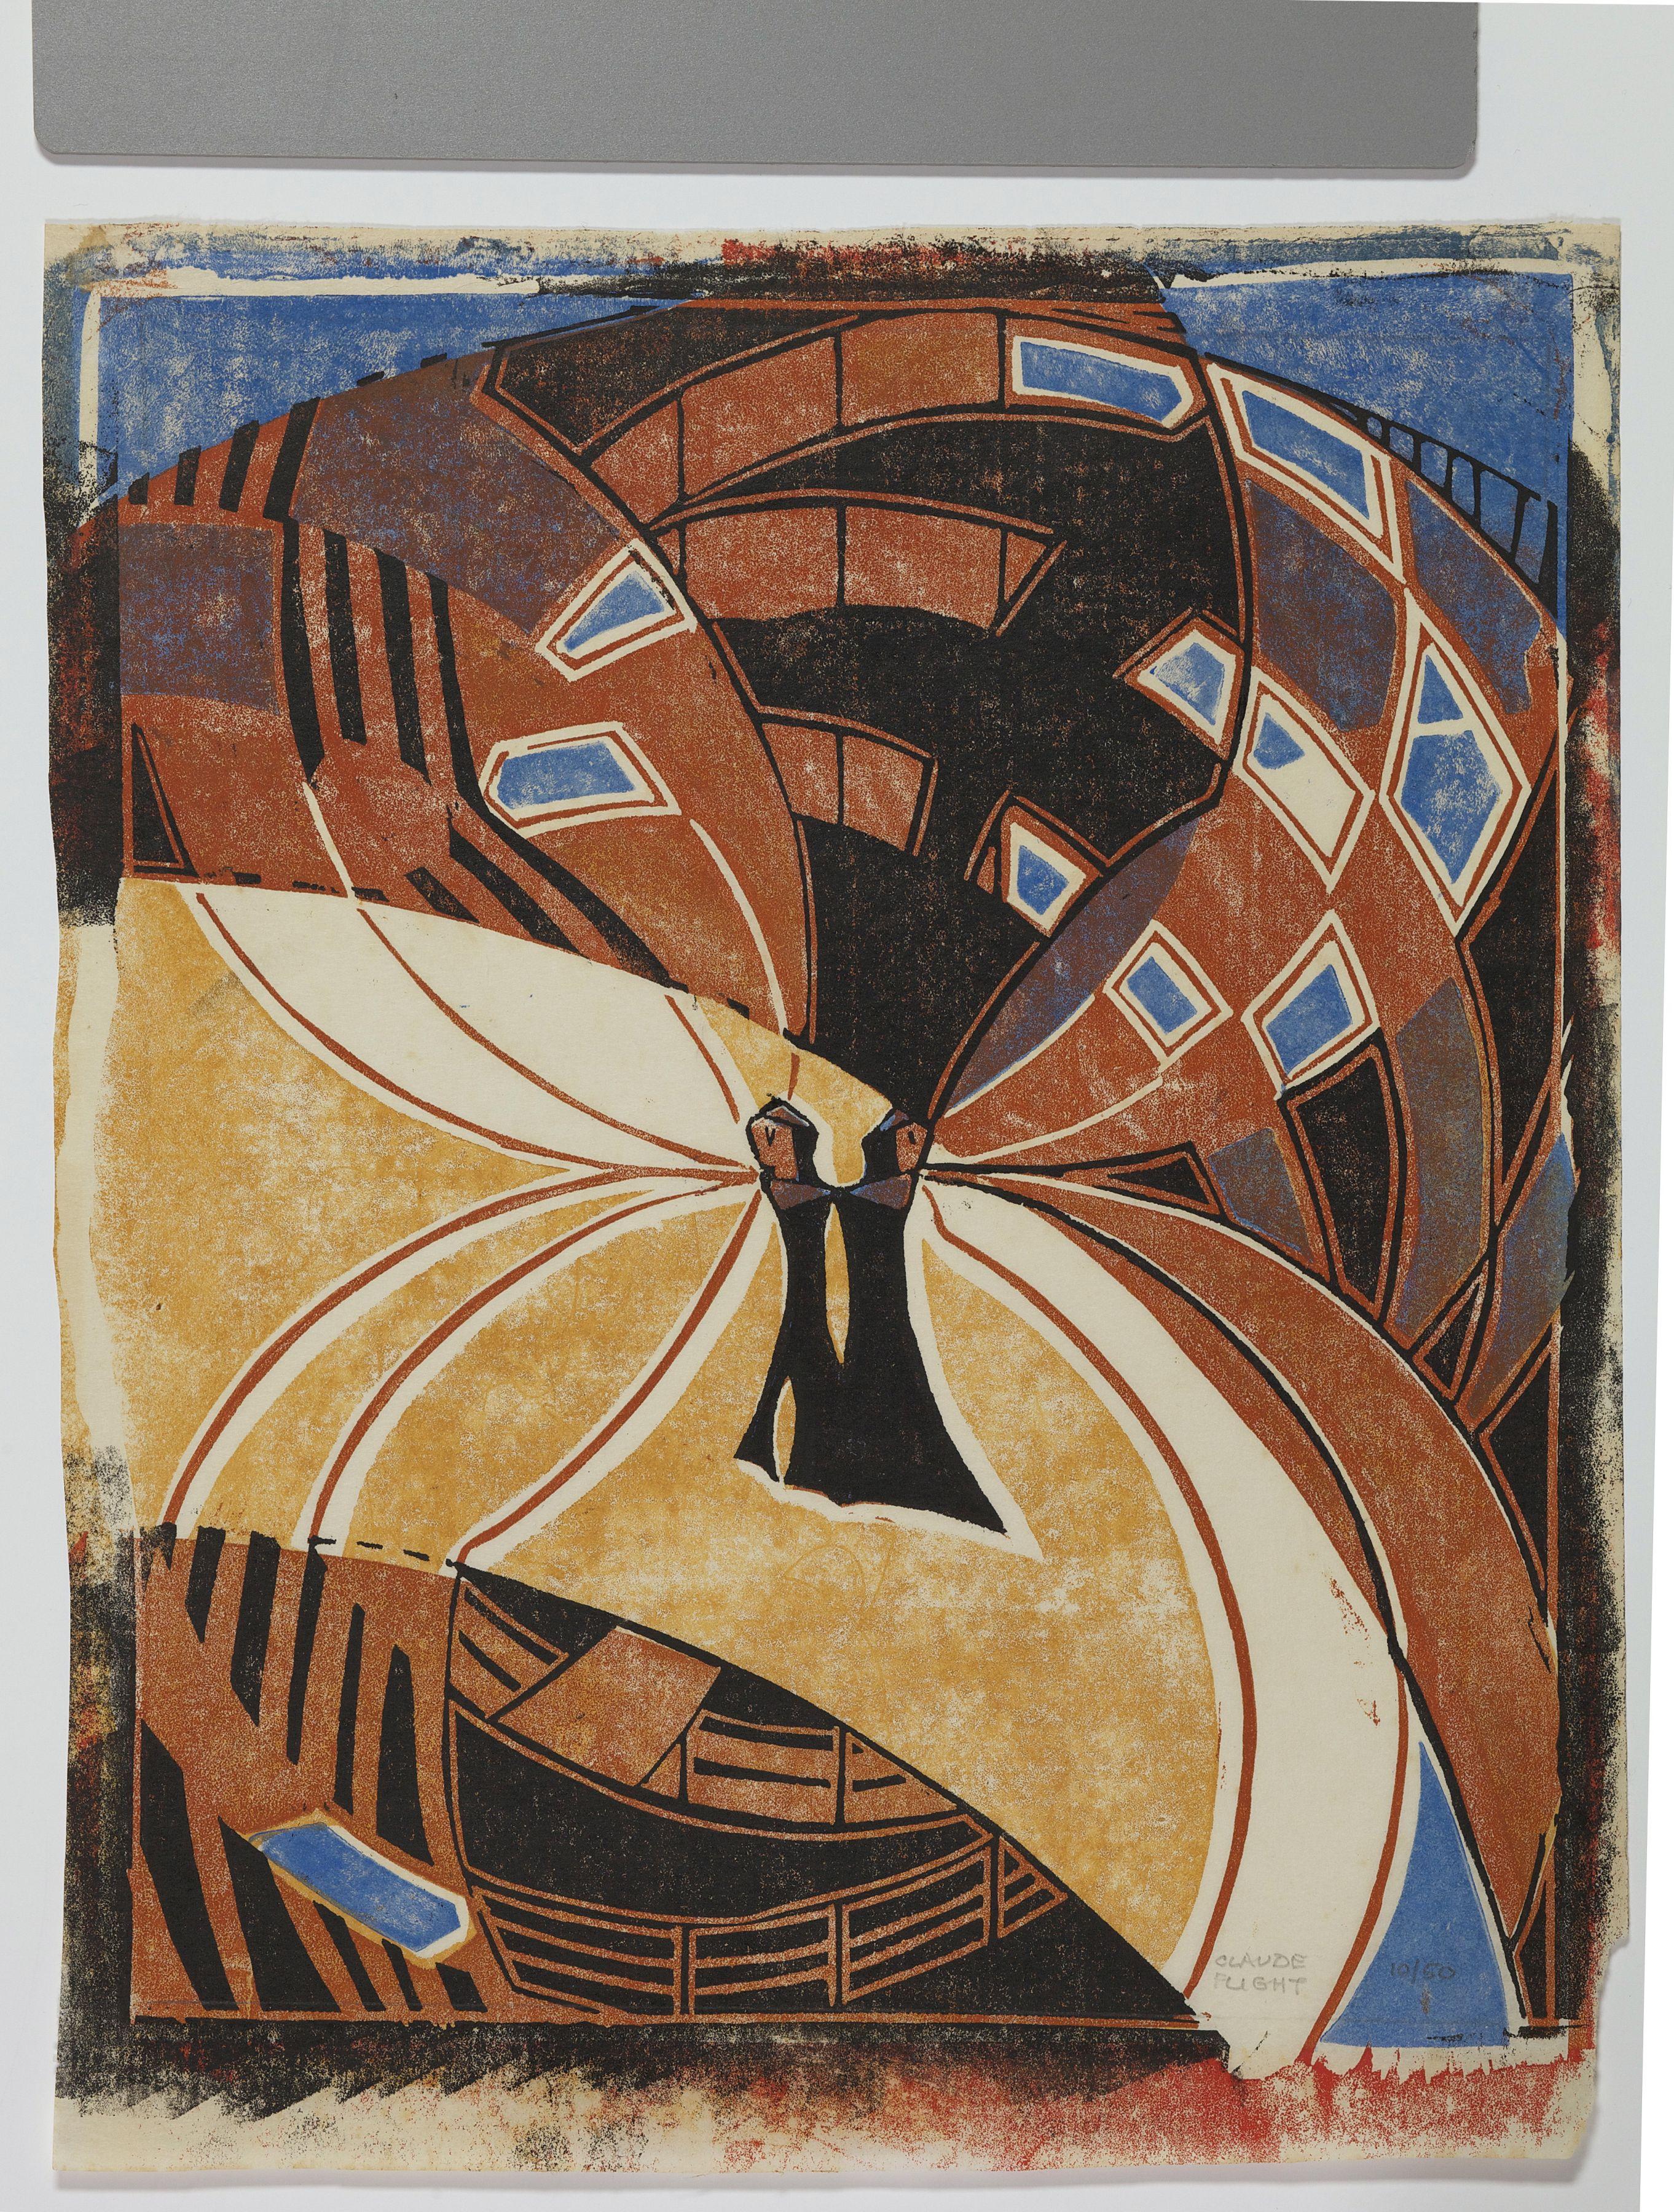 Claude Flight, Street Singers, 1925.